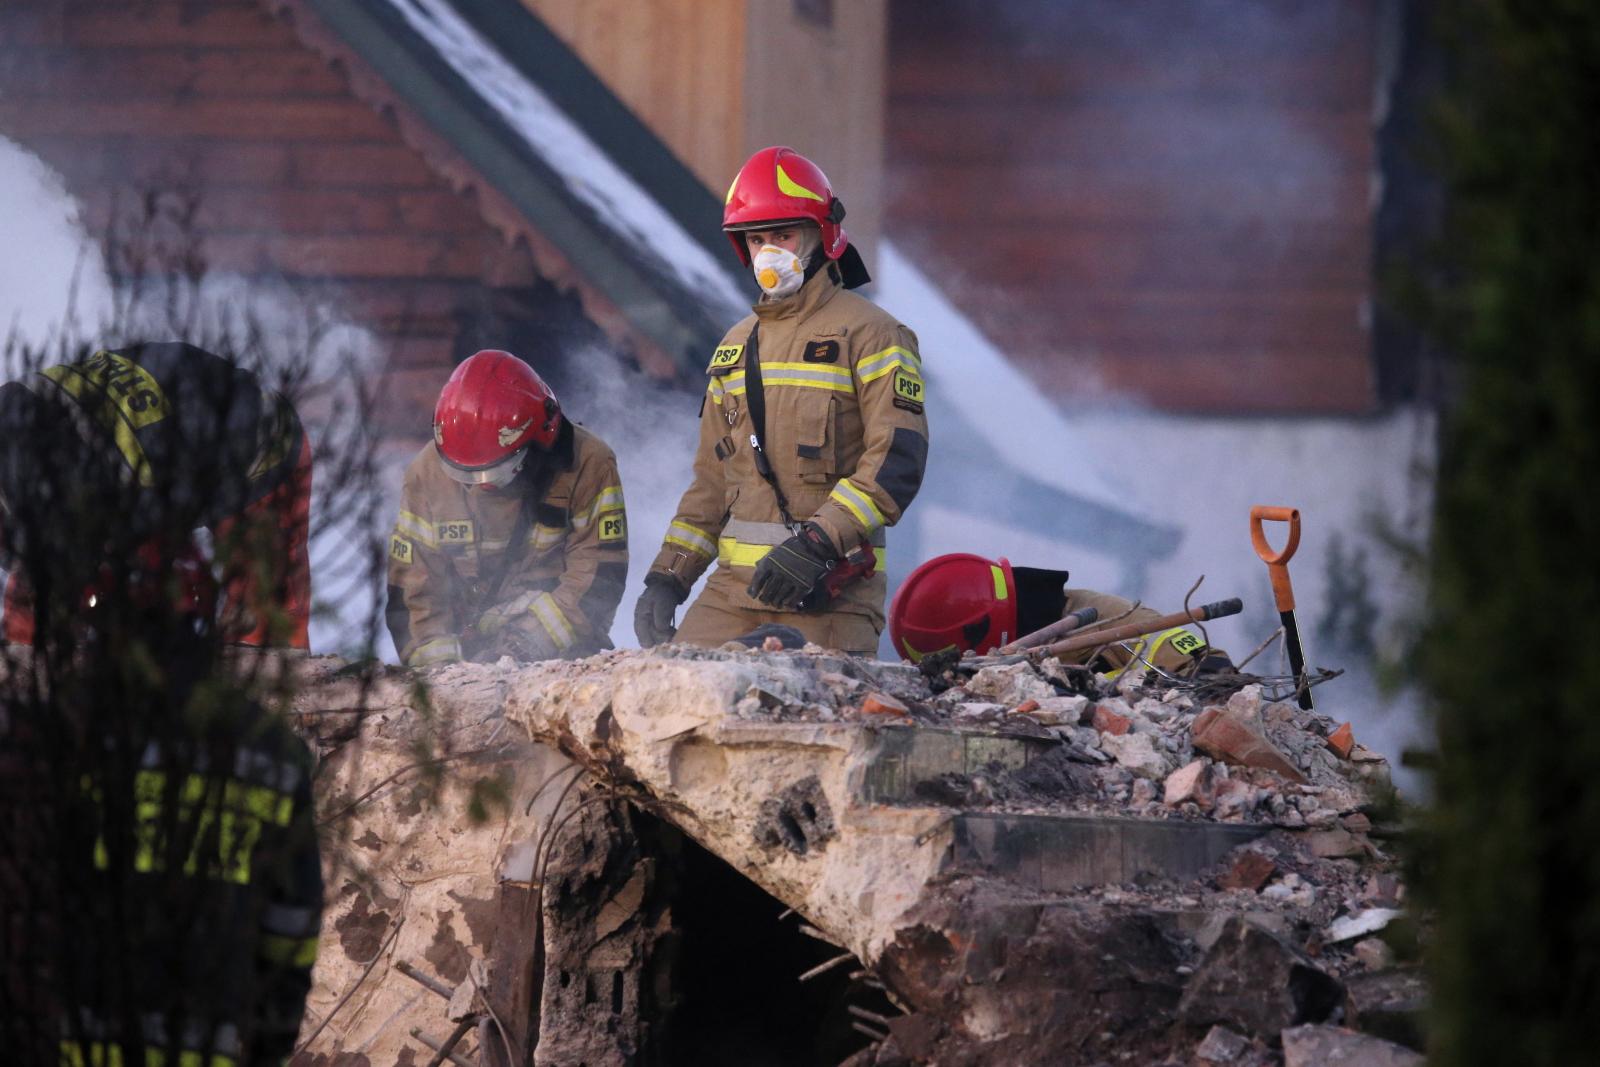 Akcja ratunkowa w miejscu wybuchu gazu w Szczyrku rozpoczęła się około godziny 19 w środę